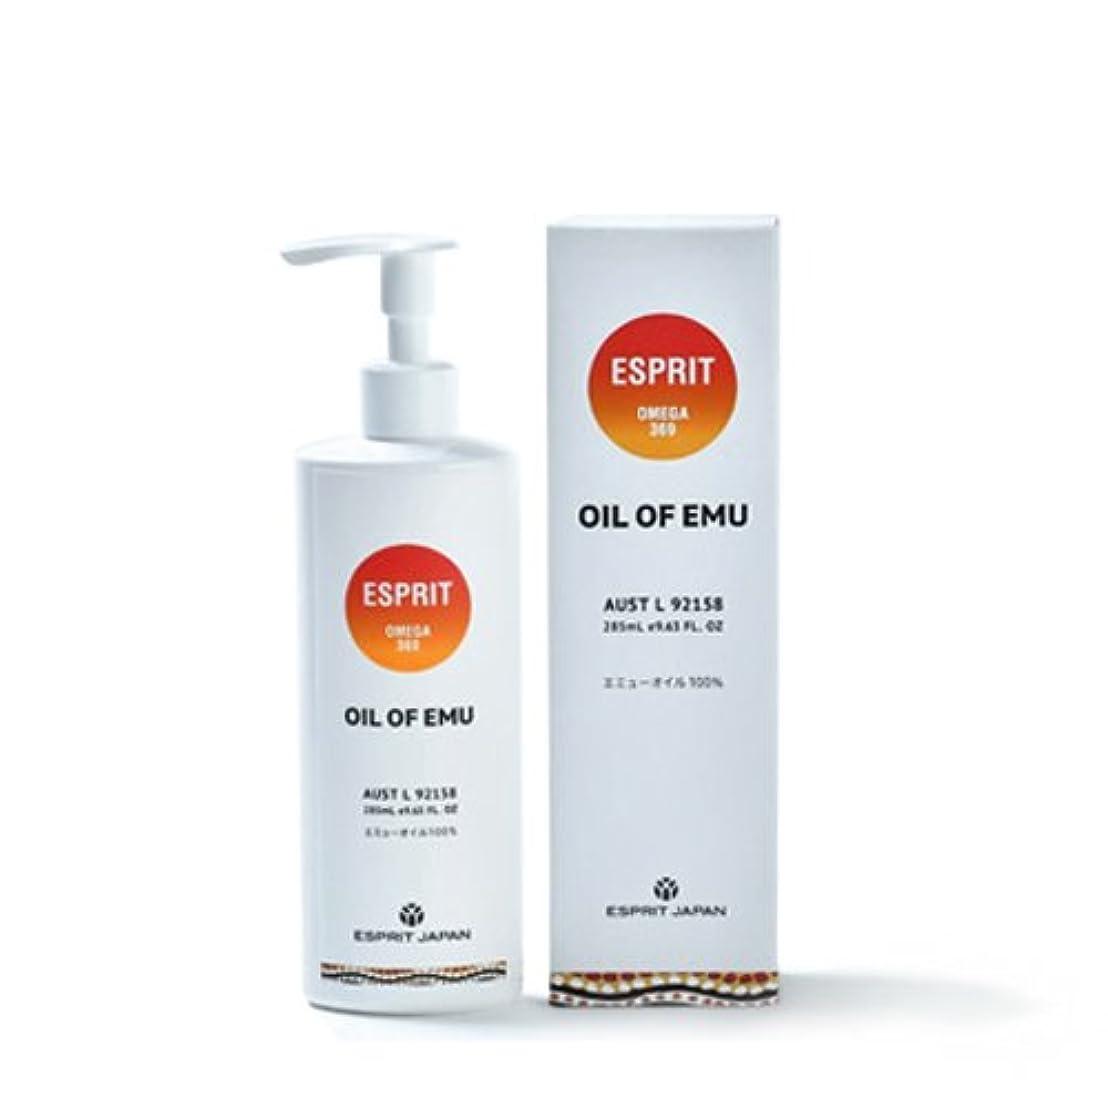 人道的ピック輪郭【OIL OF EMU】【285ml】【エミューマッサージオイル】【エミューオイル】EMU SPIRIT製 オイル?オブ?エミュー 285ml OIL of EMU (エミューオイル 100%) Sサイズ